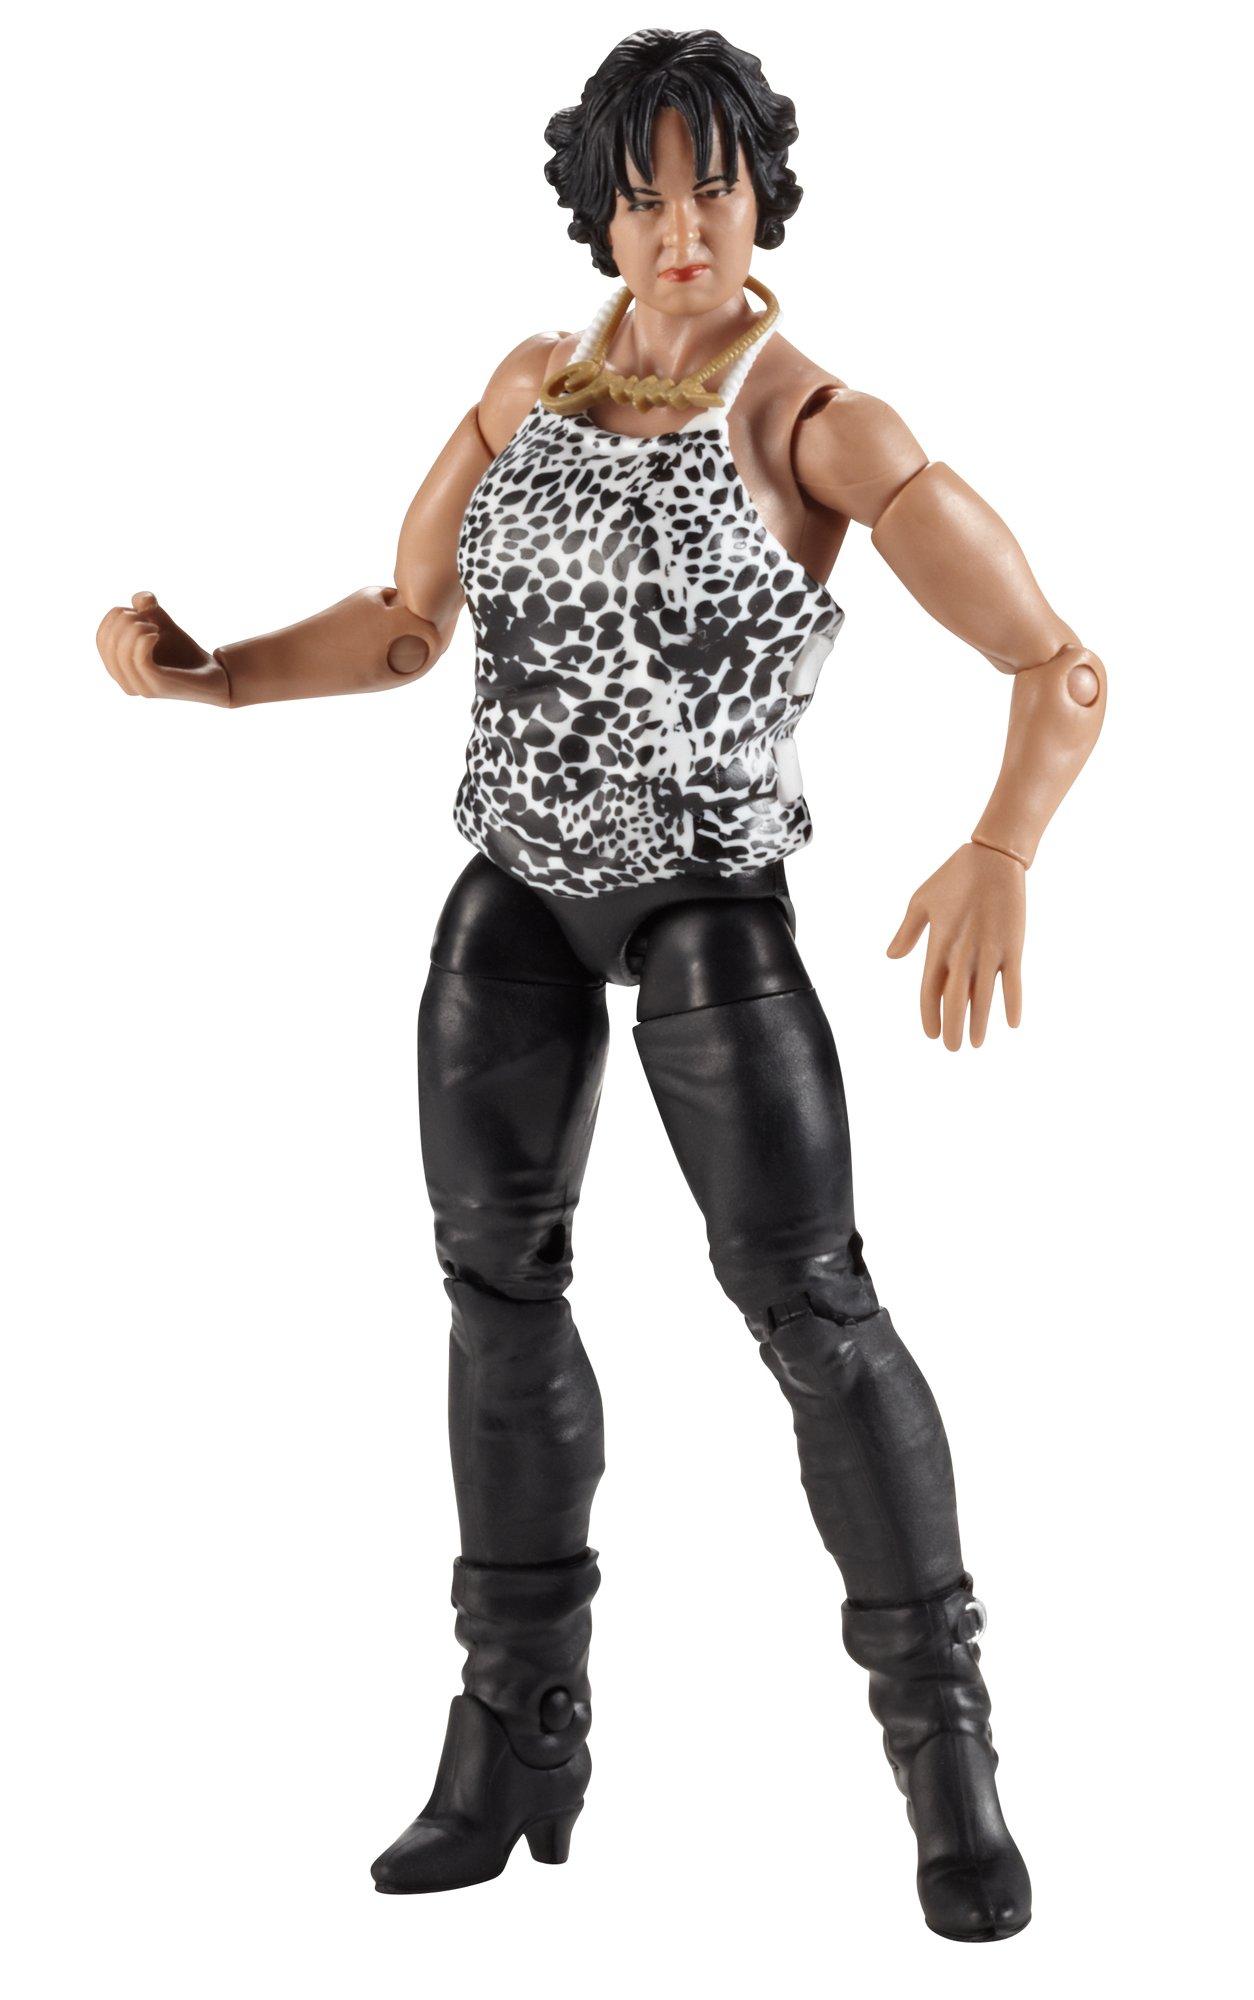 WWE Vickie Guerrero Figure Series 13 by WWE